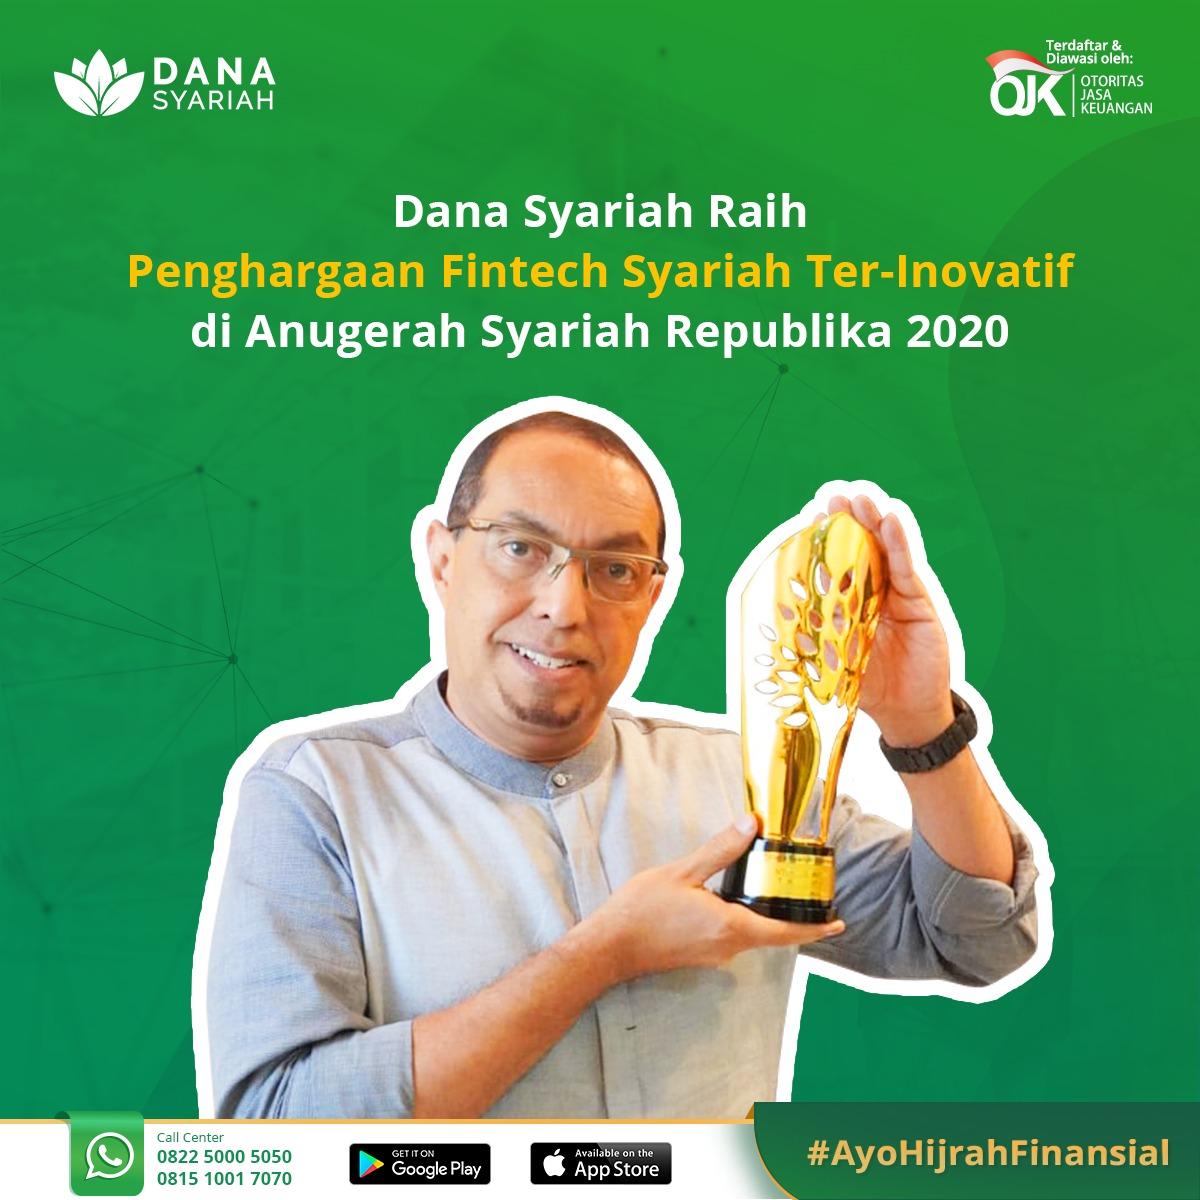 Dana Syariah Meraih Pengharagaan Fintech Syariah Ter Inovatif - Anugrah Syariah Republika 2020